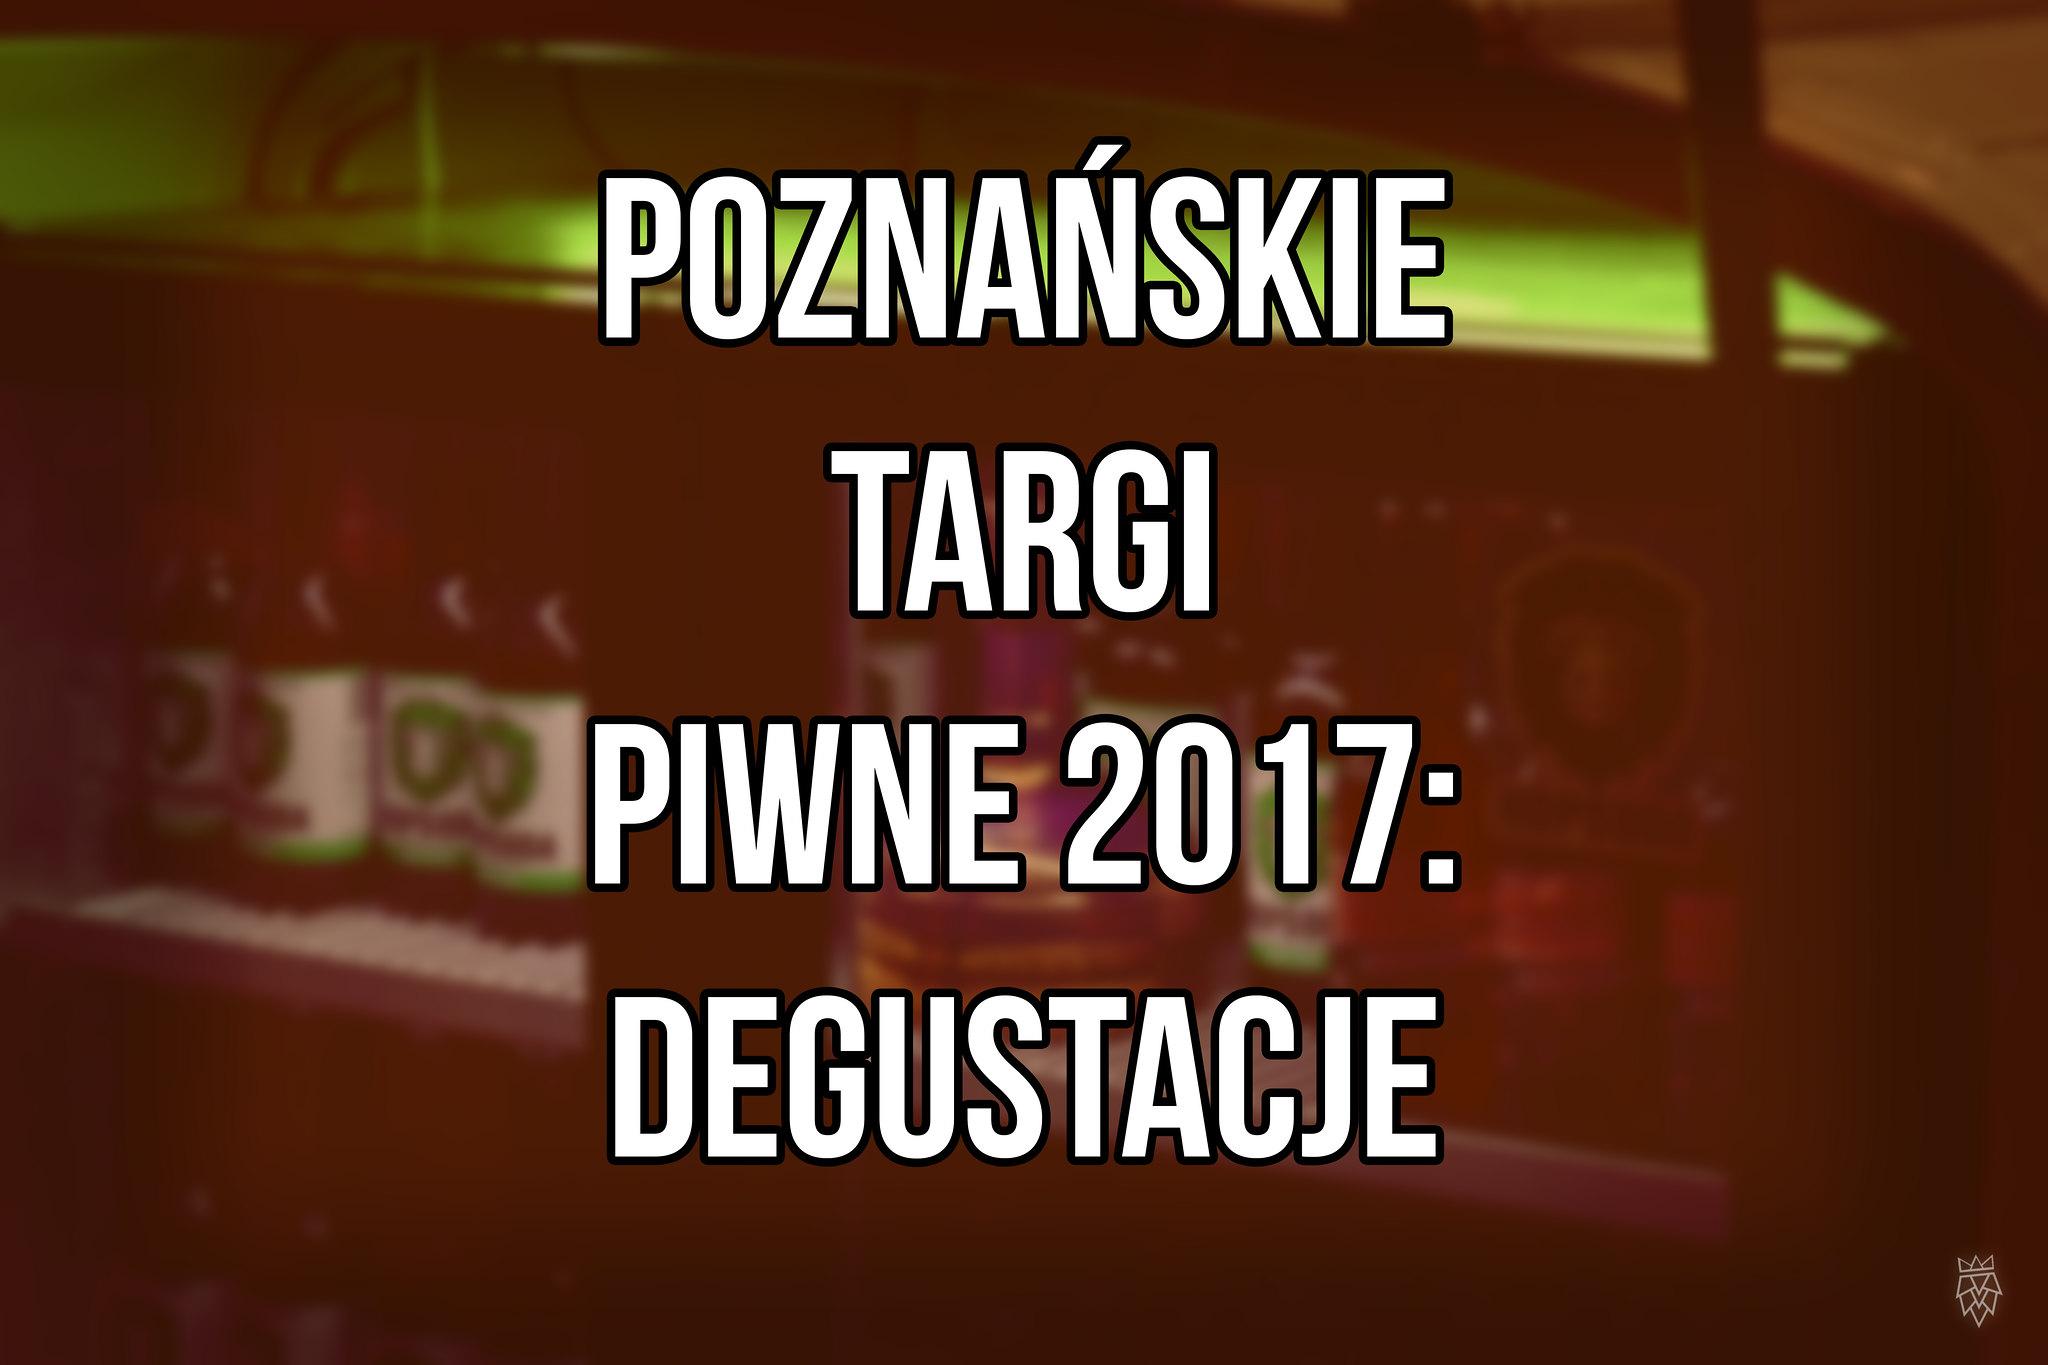 Poznańskie Targi Piwne 2017, degustacje